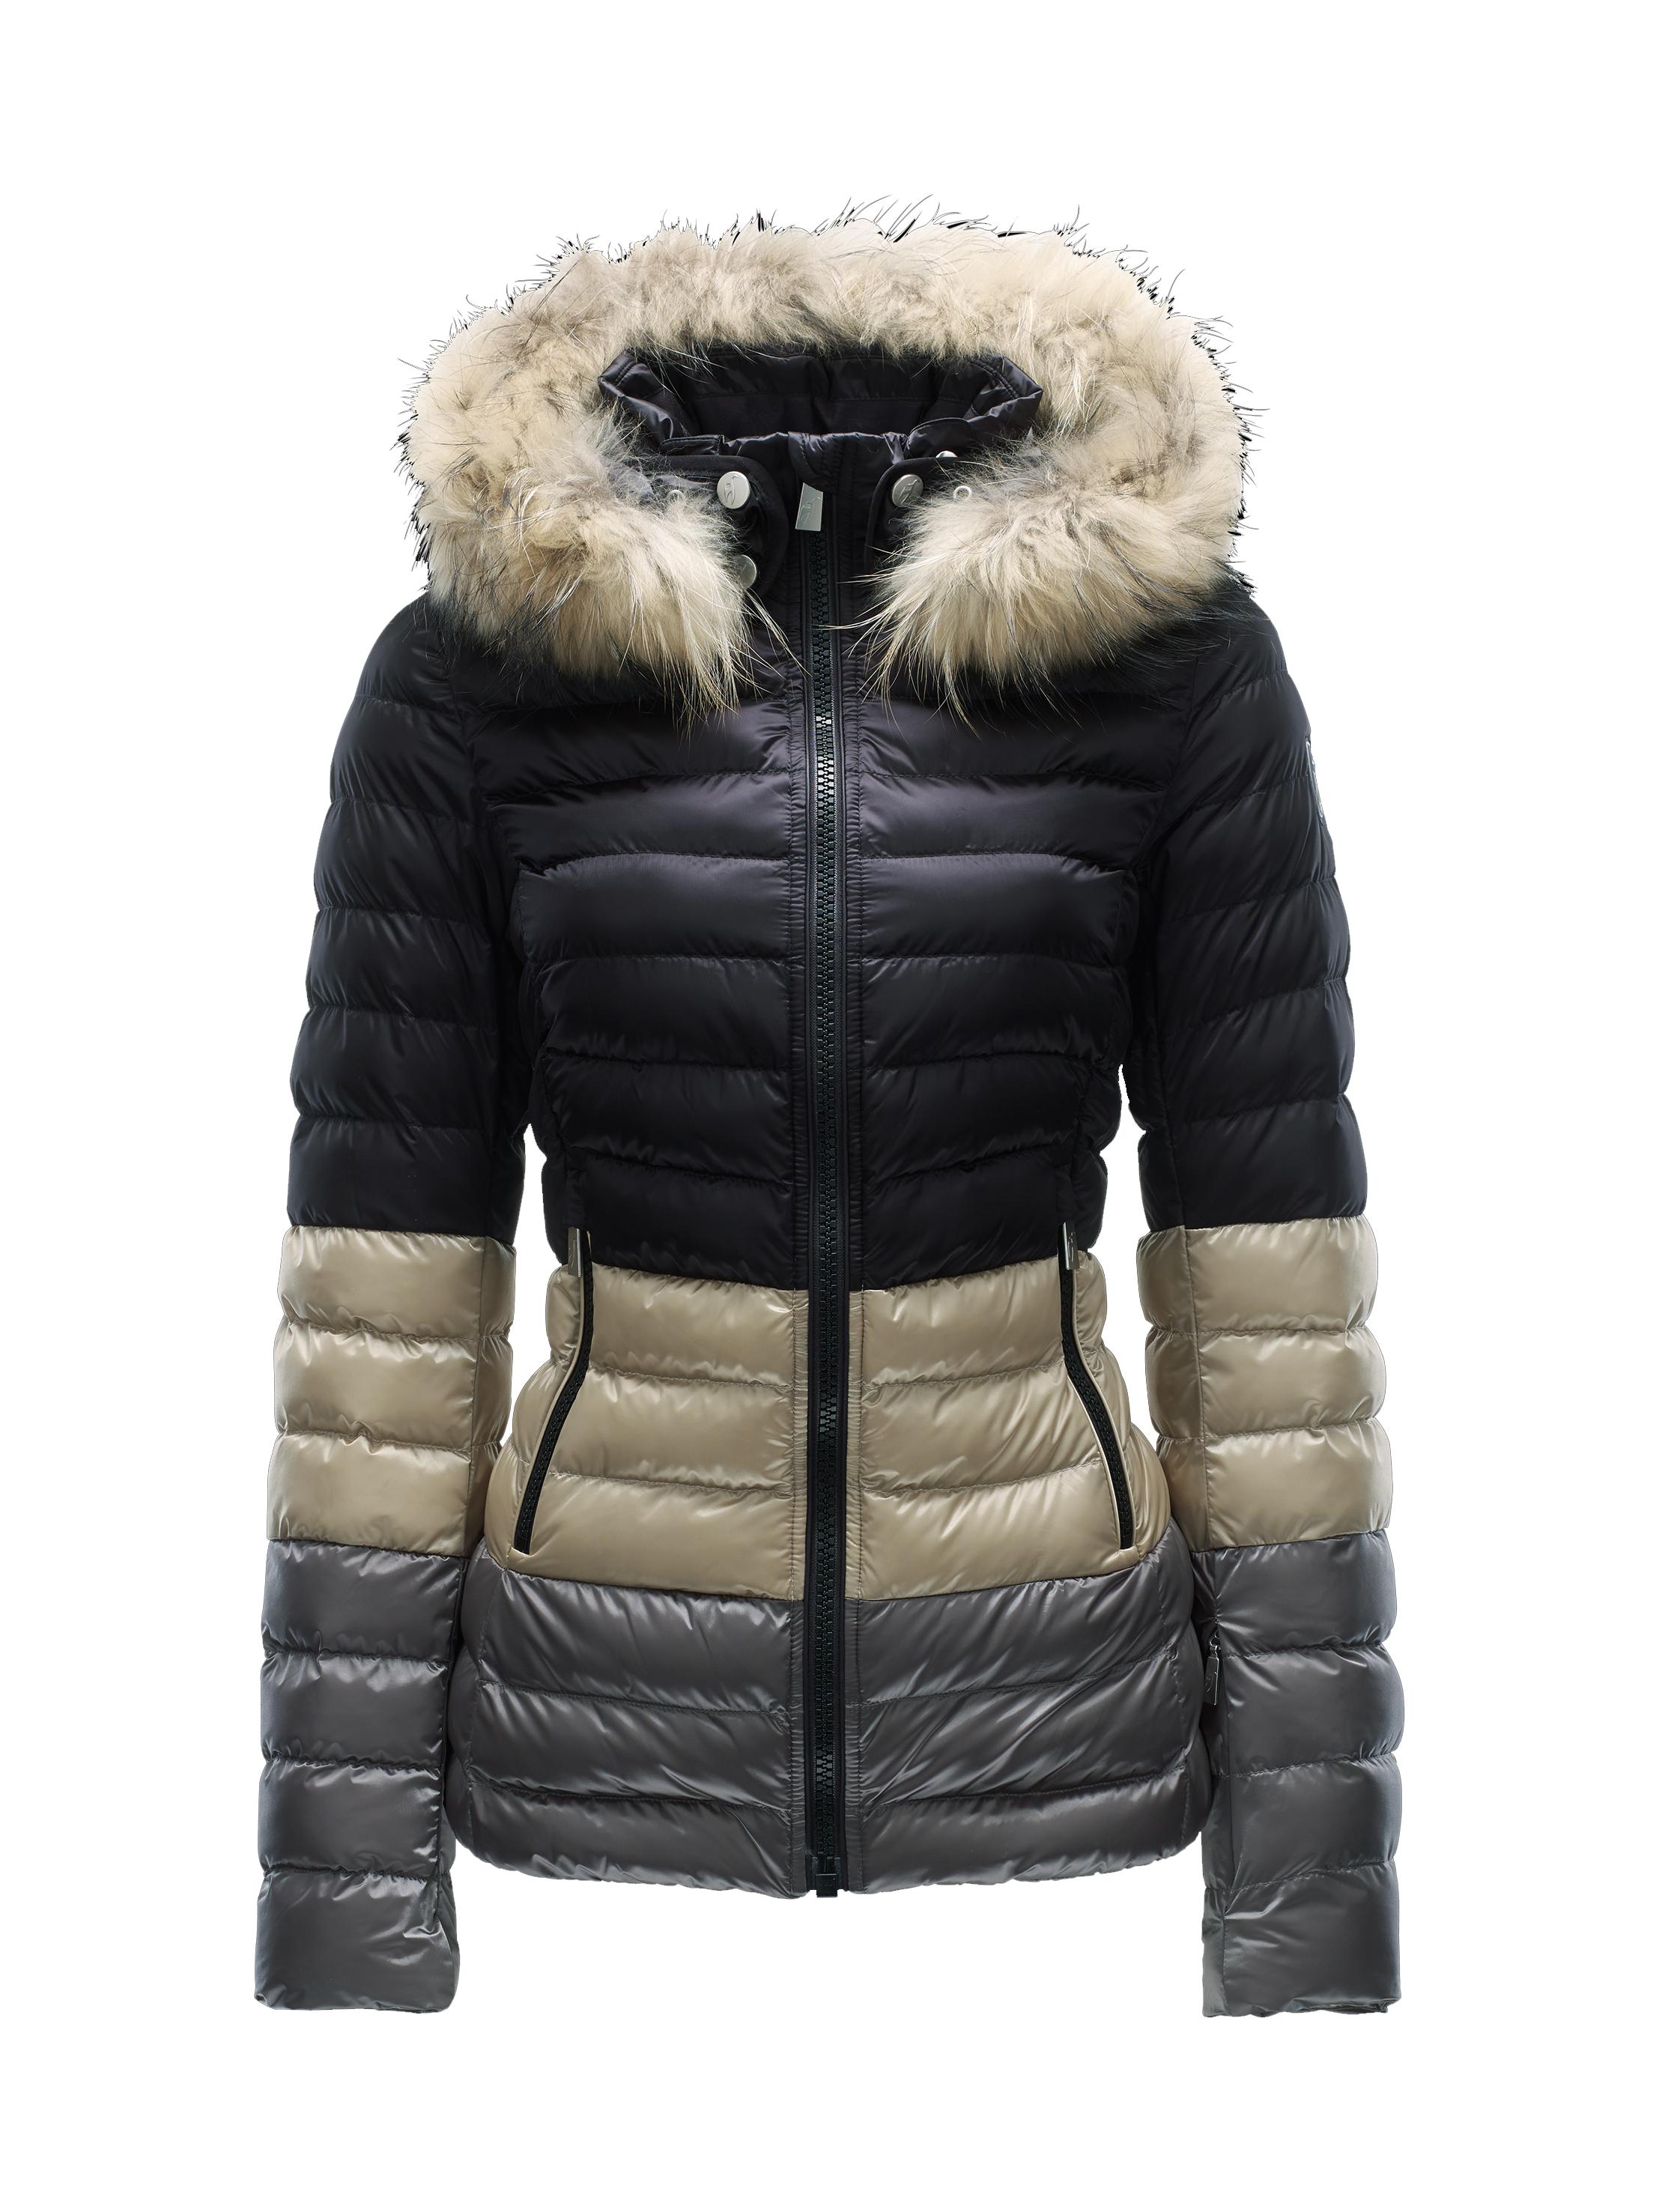 Купить Куртка горнолыжная TONI SAILER 2015-16 MARGOT SPLENDID FUR light sand Одежда 1217674